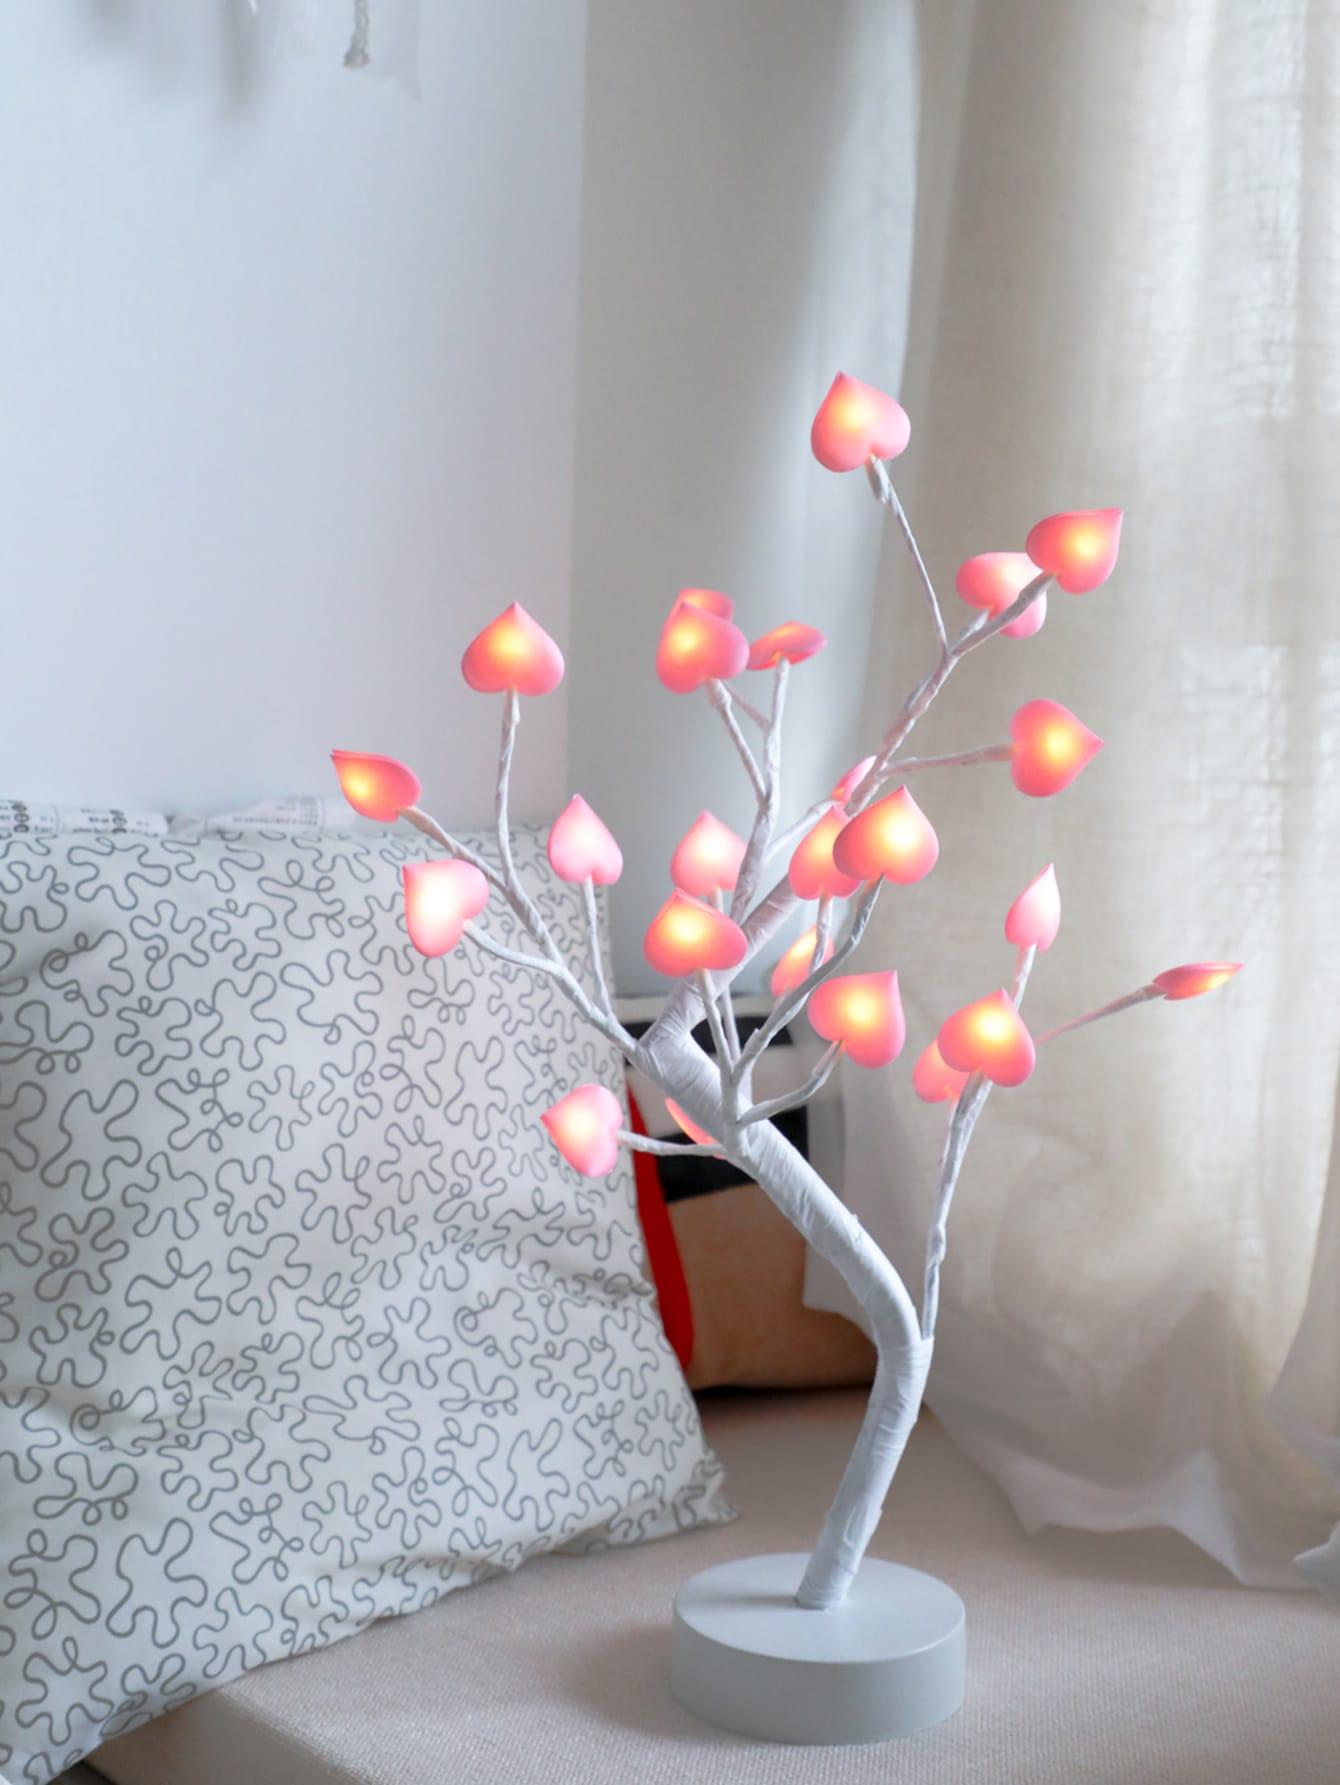 Купить 24шт. в форме сердца лампочка в форме дерева настольная лампа 12В, null, SheIn